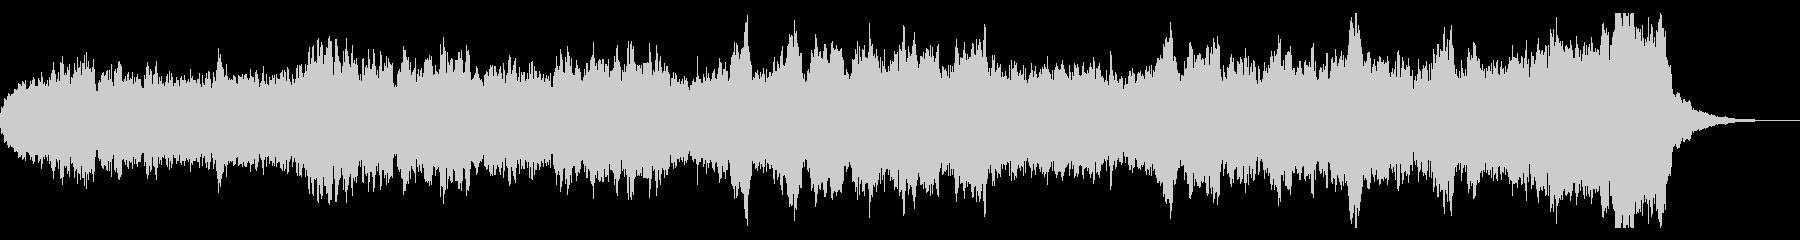 ファンタジーなオーケストラ 短めのBGMの未再生の波形